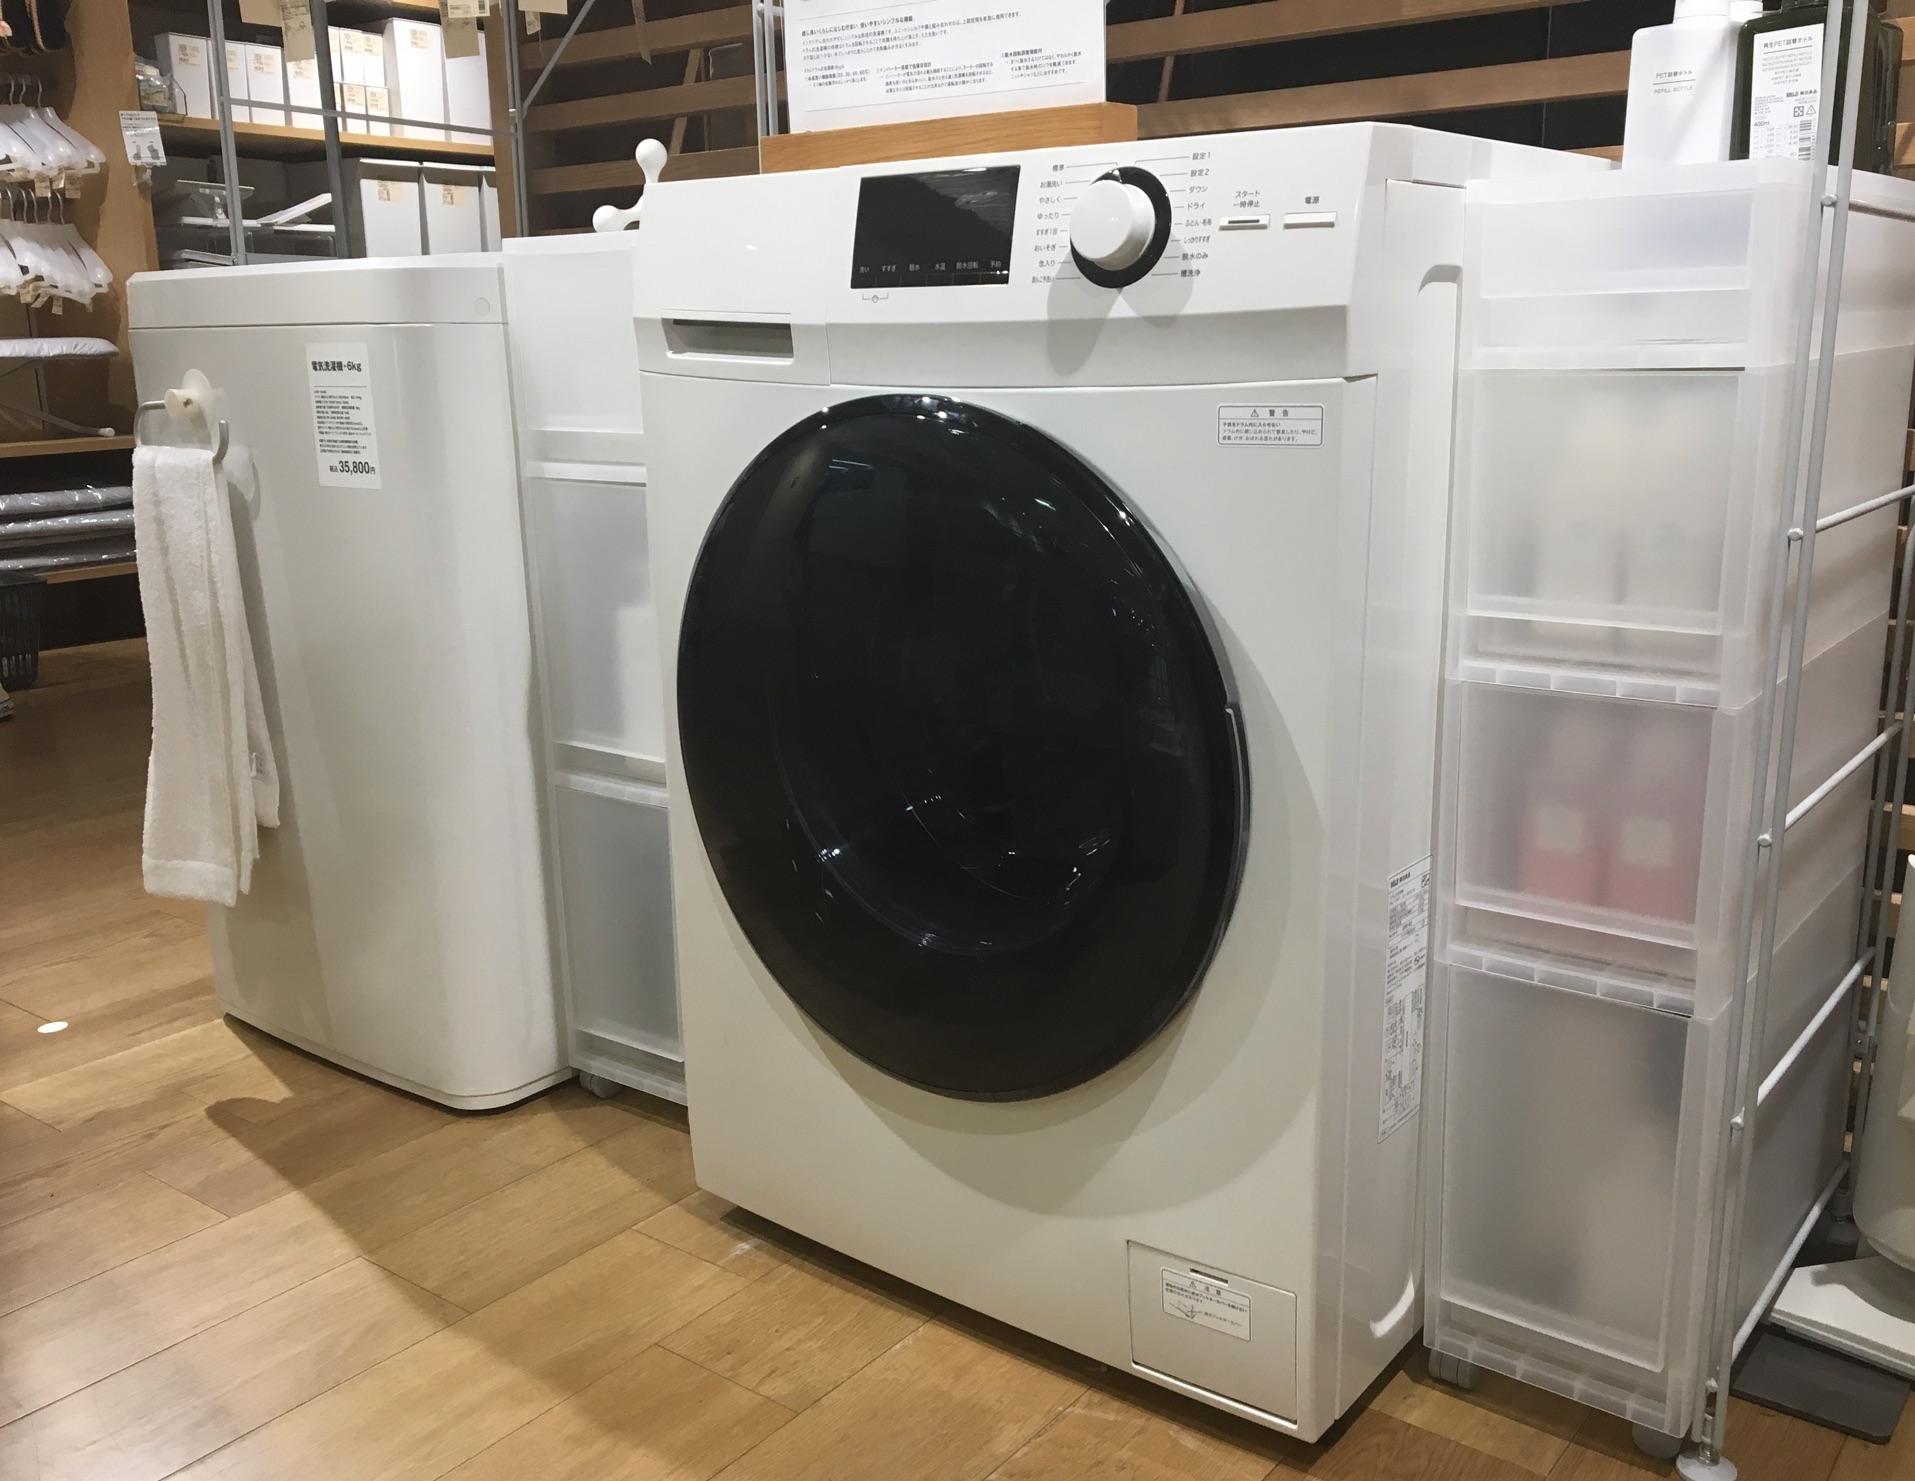 続・洗濯機はどこに置くのでしょうか?